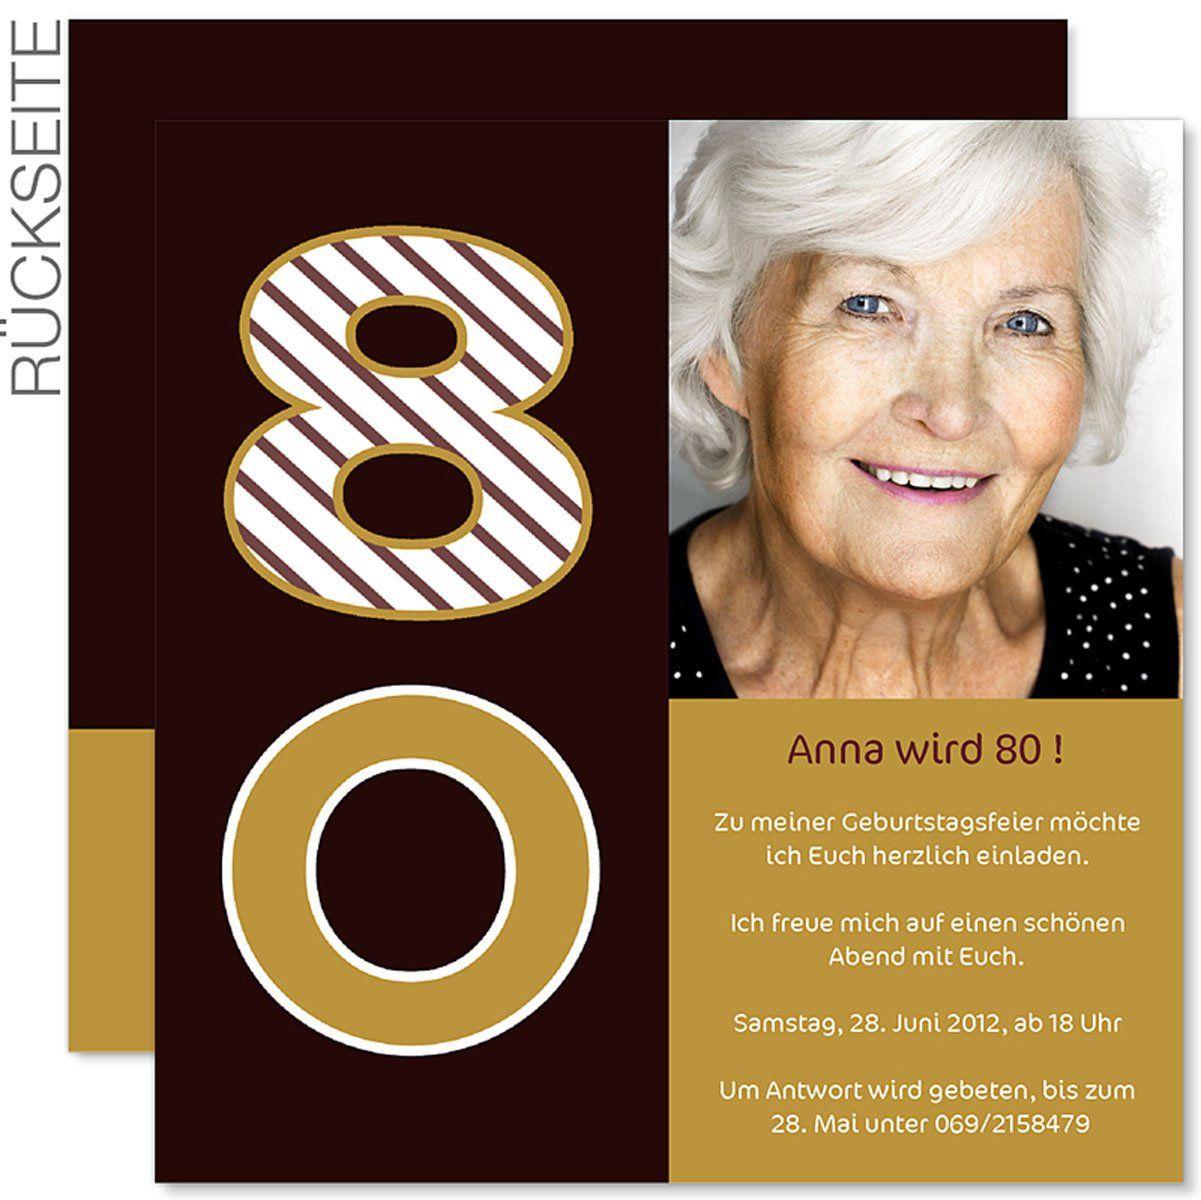 The Charming Einladung 80 Geburtstag Vorlage Photo Below Is